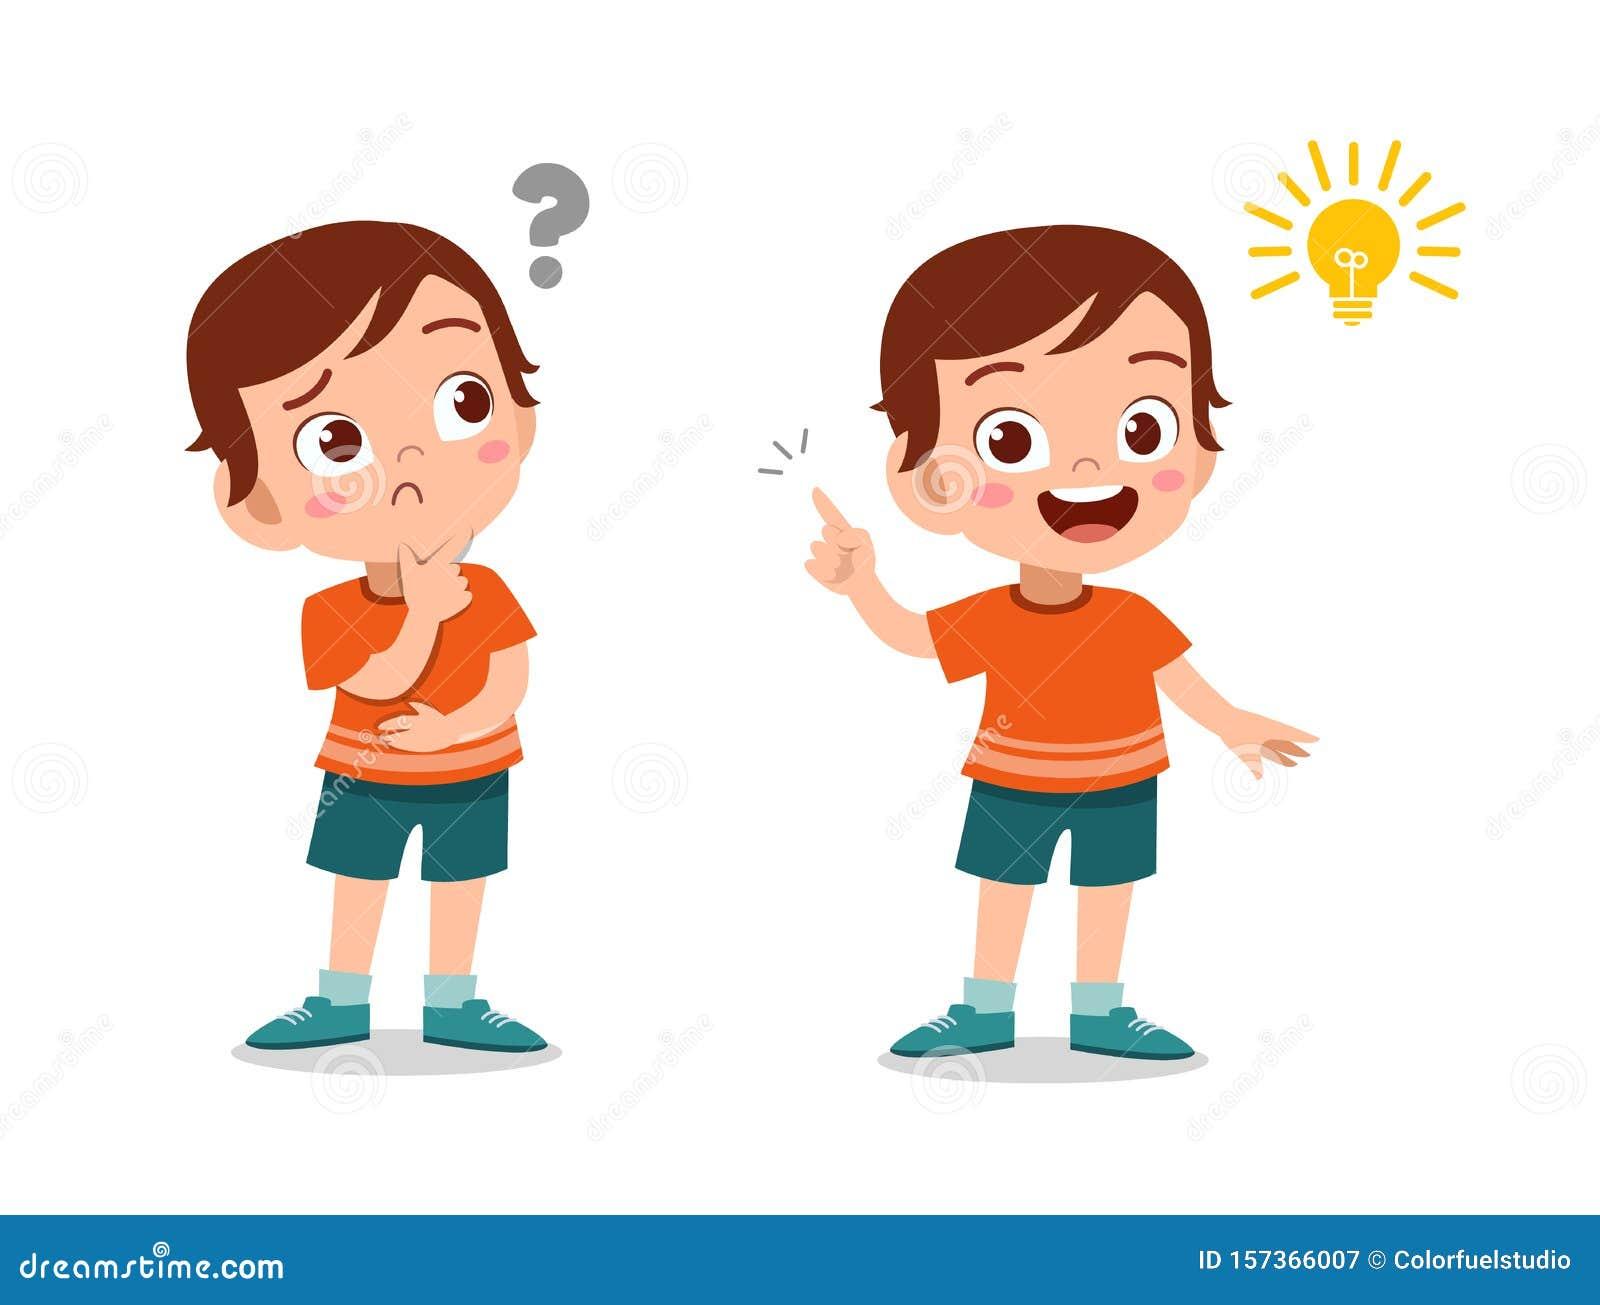 Kids Thinking Idea Vector Illustration Stock Illustration ...